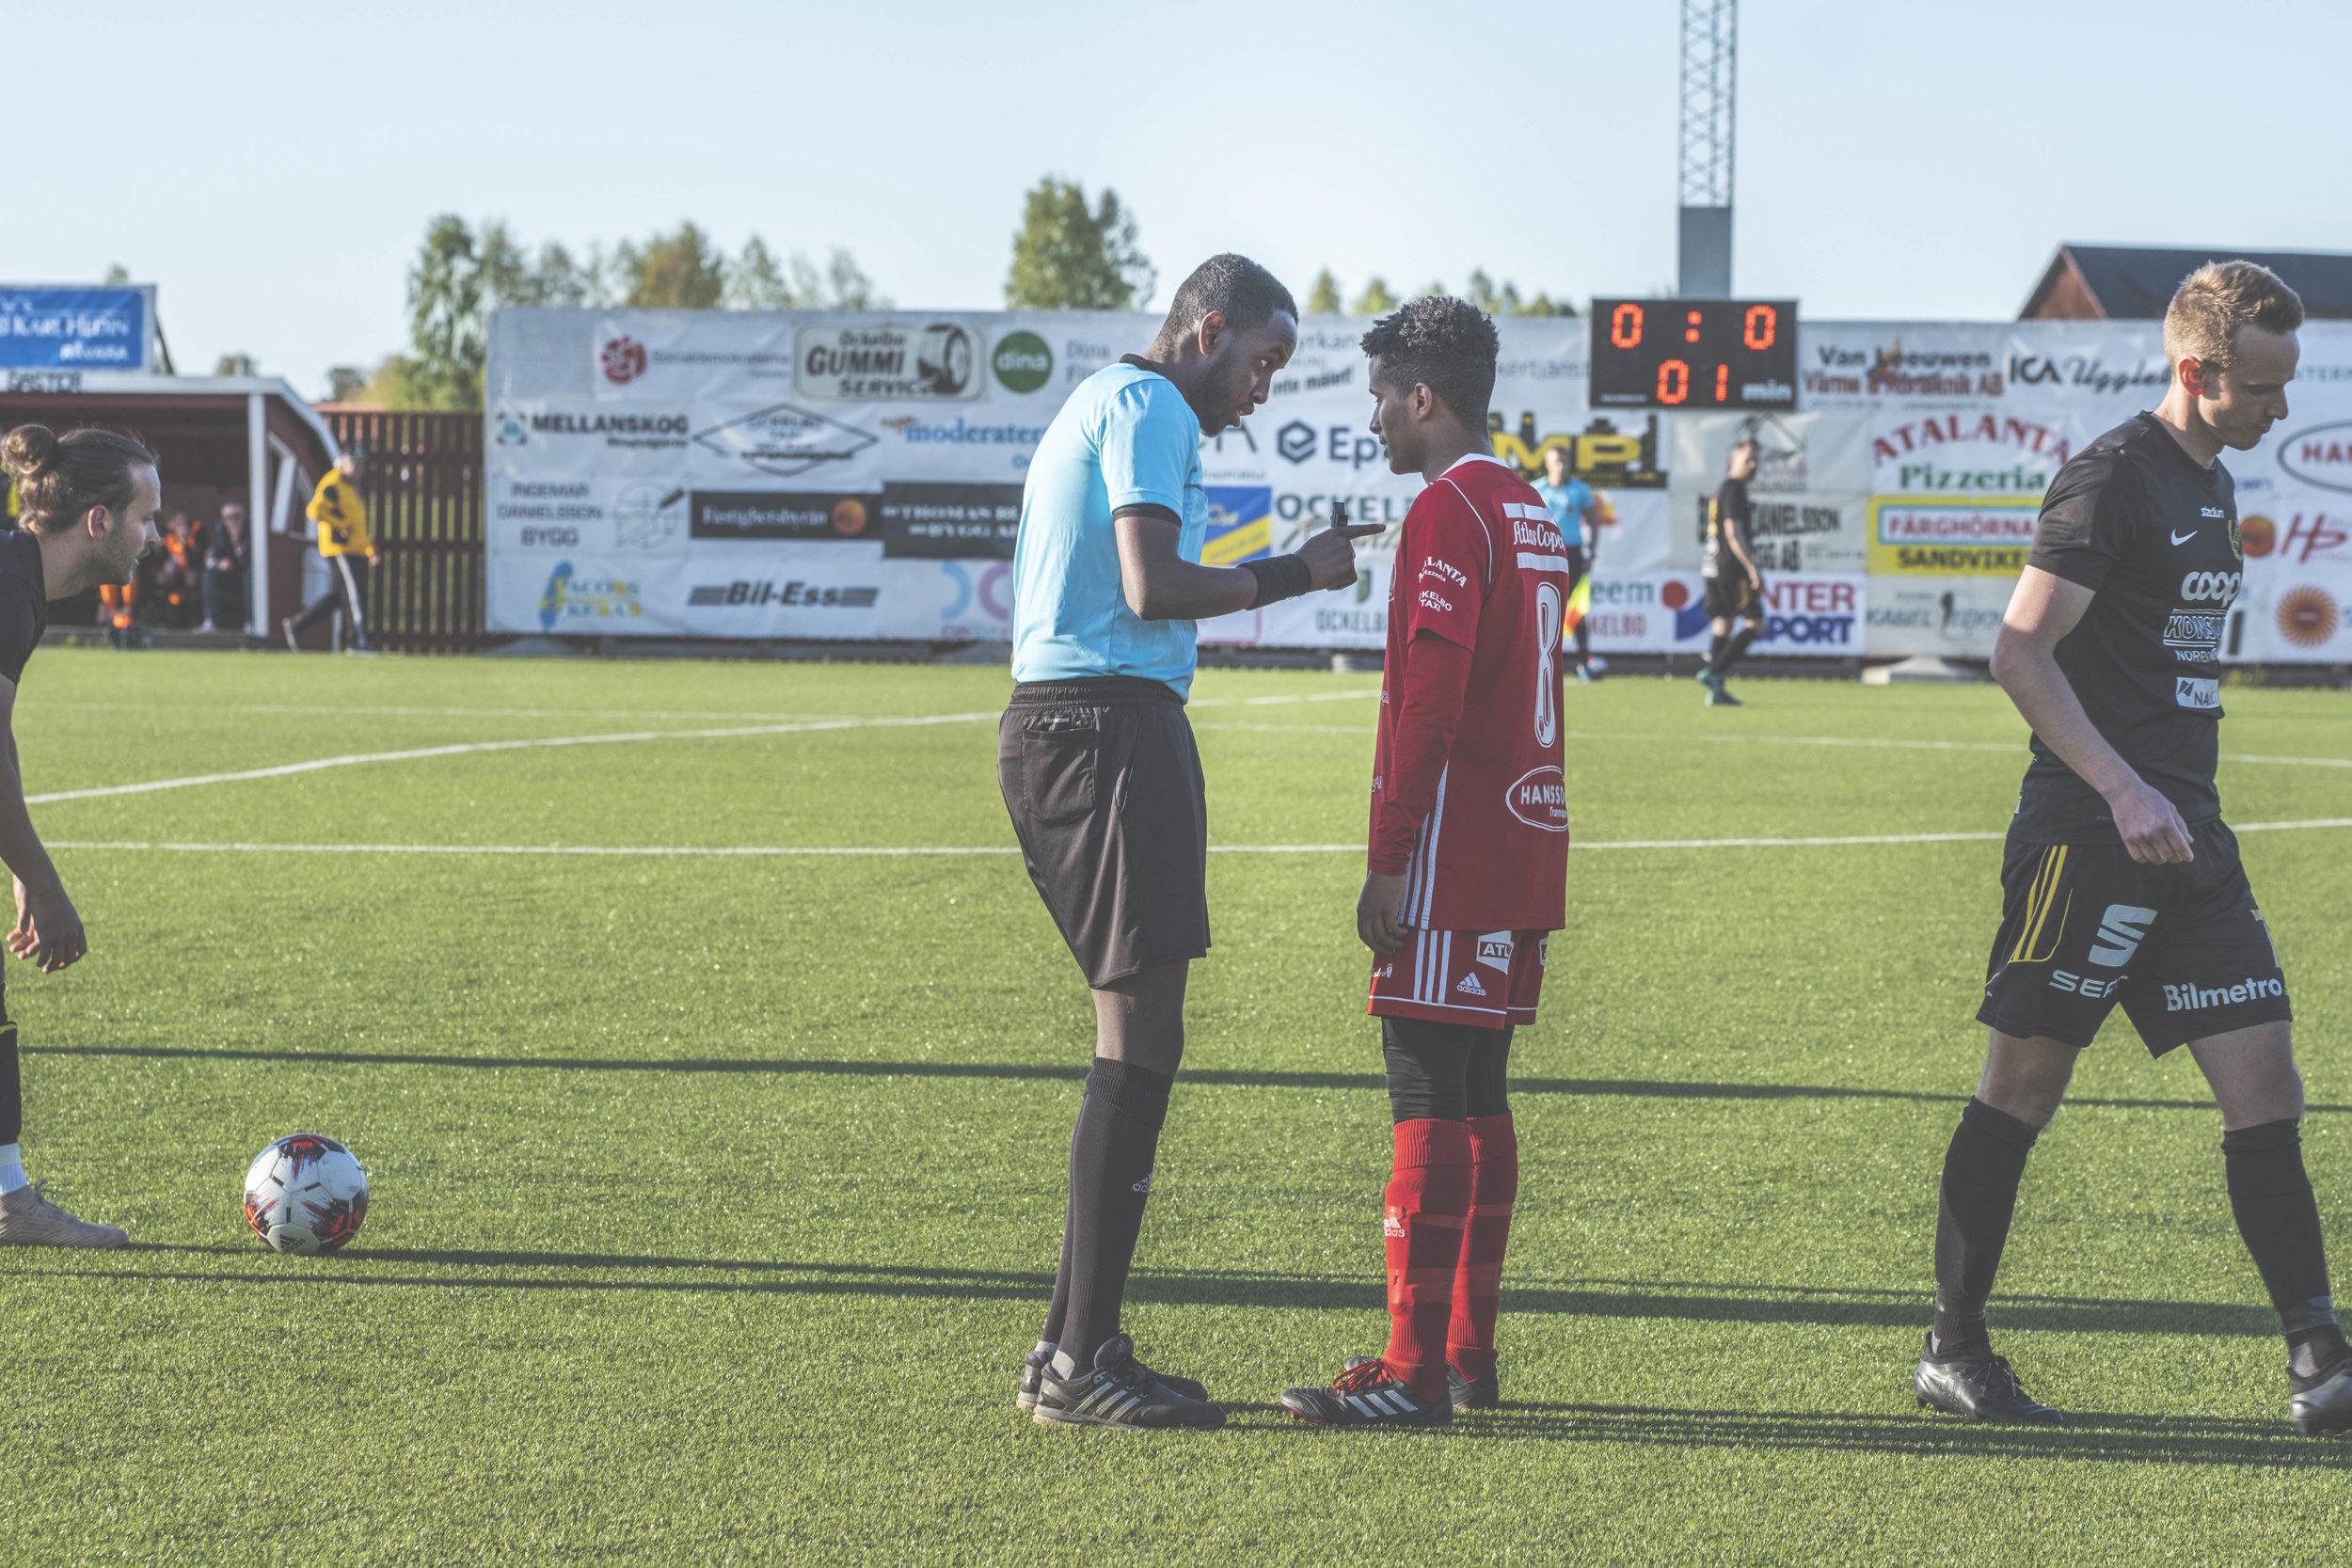 fotboll-v22-2019-0868.jpg